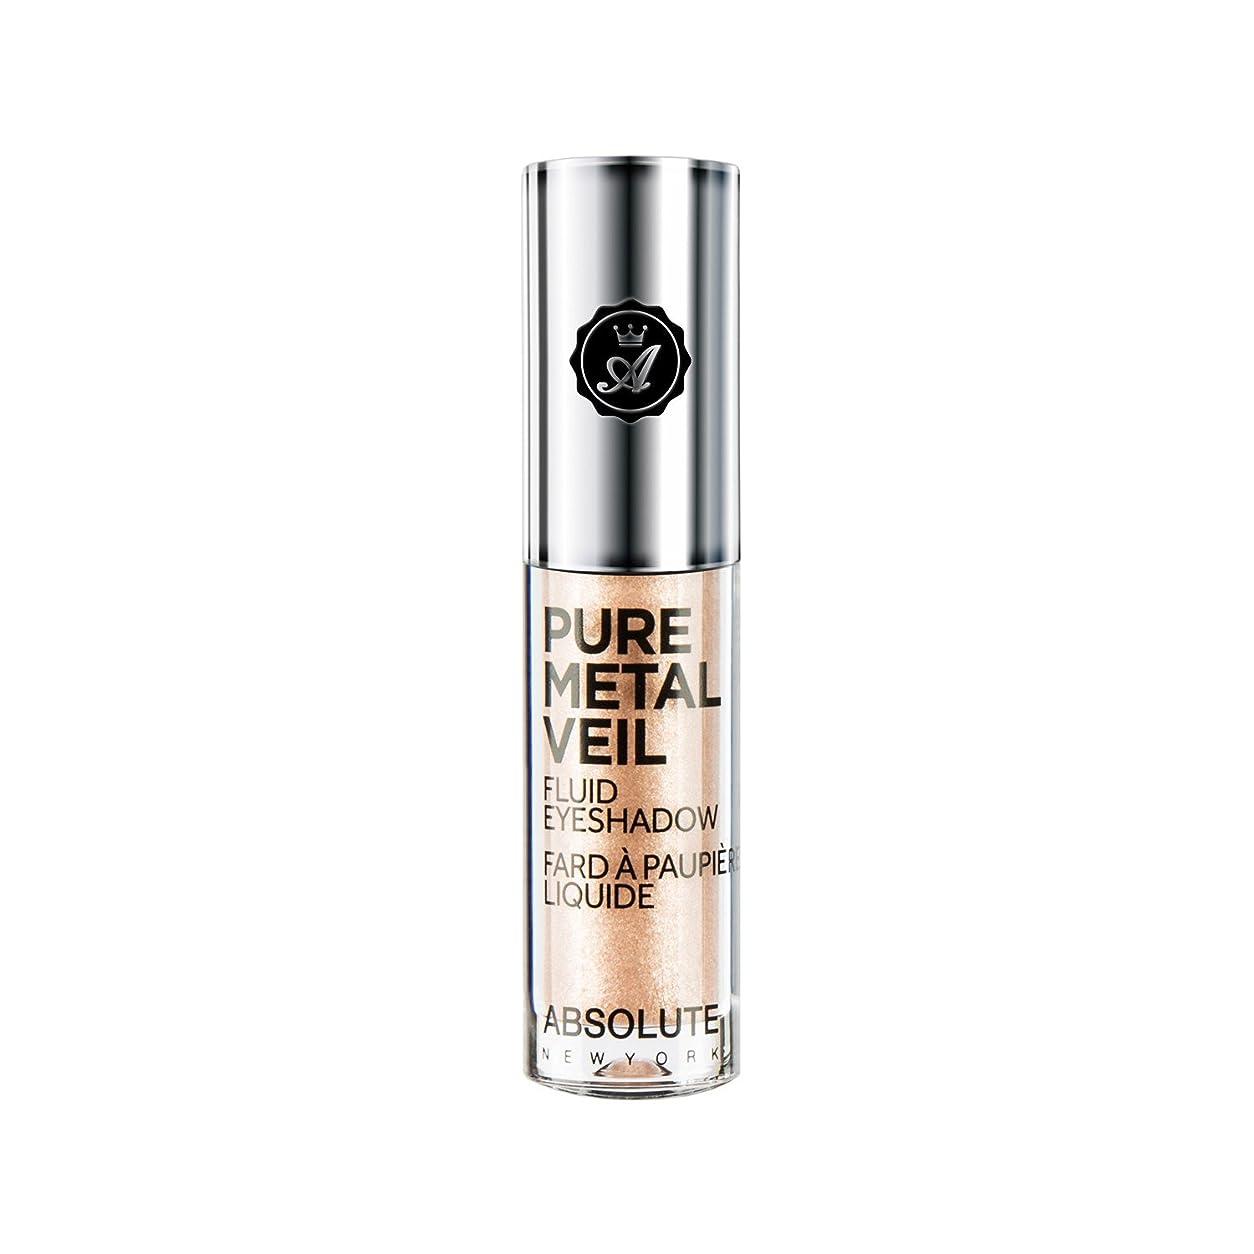 真剣にのど拮抗する(3 Pack) ABSOLUTE Pure Metal Veil Fluid Eyeshadow - Champagne (並行輸入品)